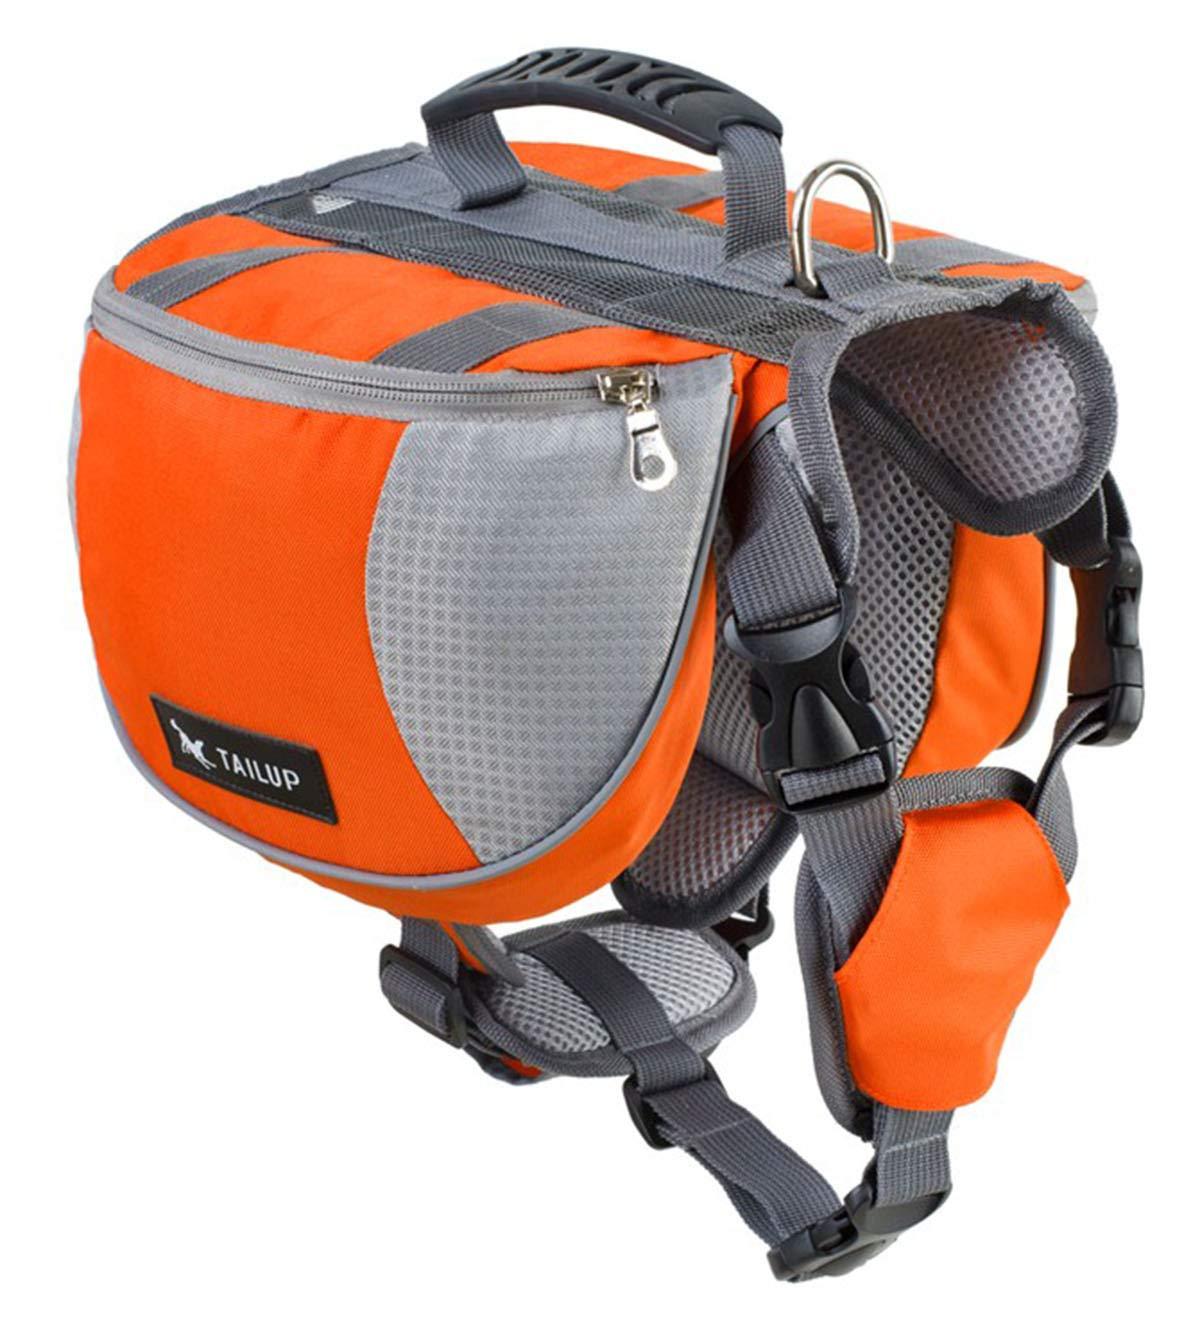 orange L orange L PETFDH Luxury Pet Outdoor Backpack Large Dog Adjustable Saddle Bag Harness Carrier for Traveling Hiking Camping orange L